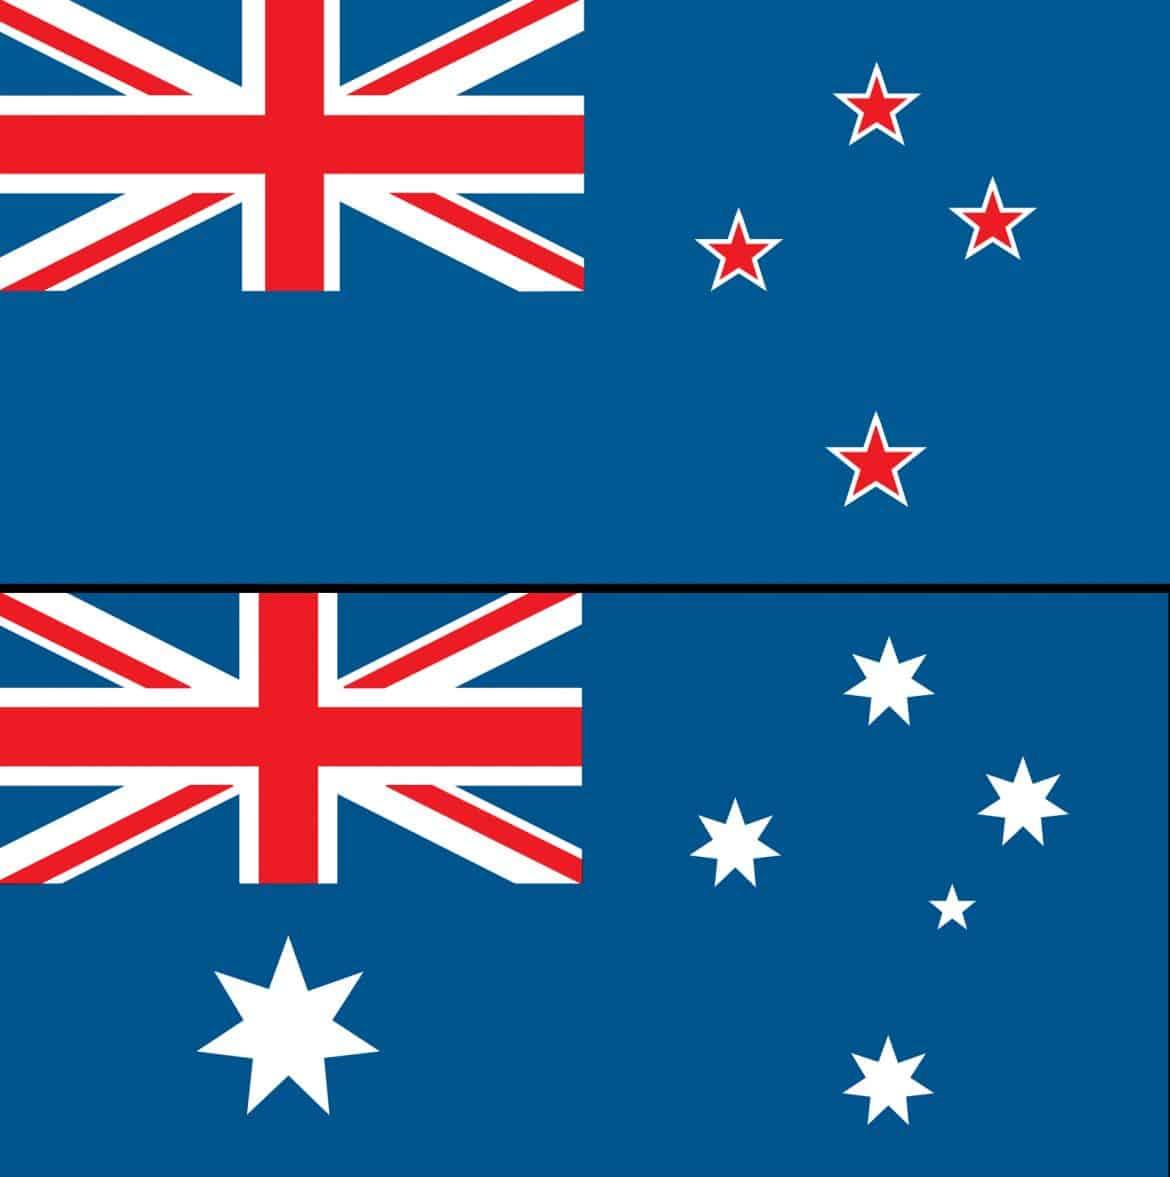 أستراليا ونيوزيلاندا.. أشهر أعلام الدول المتشابهة